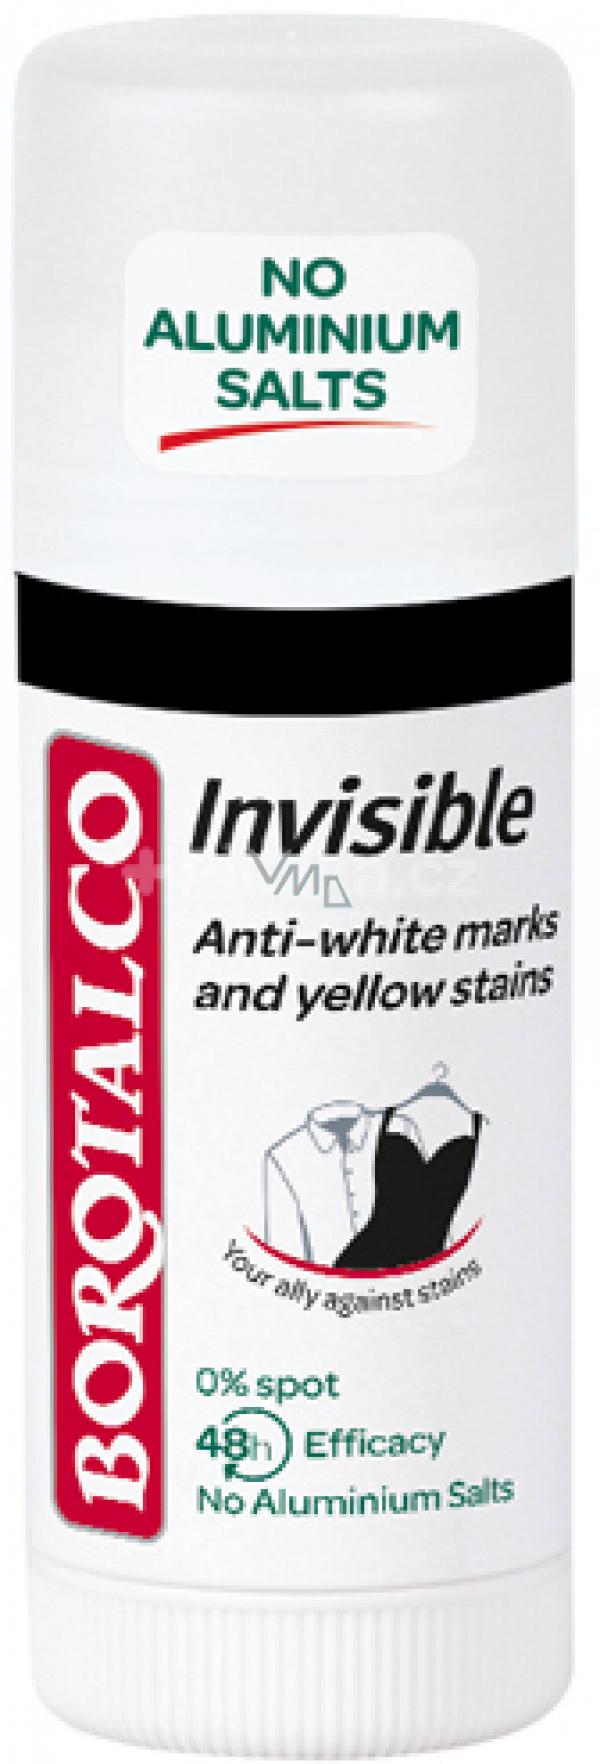 Borotalco Invisible antiperspirant deodorant stick unisex 40 ml